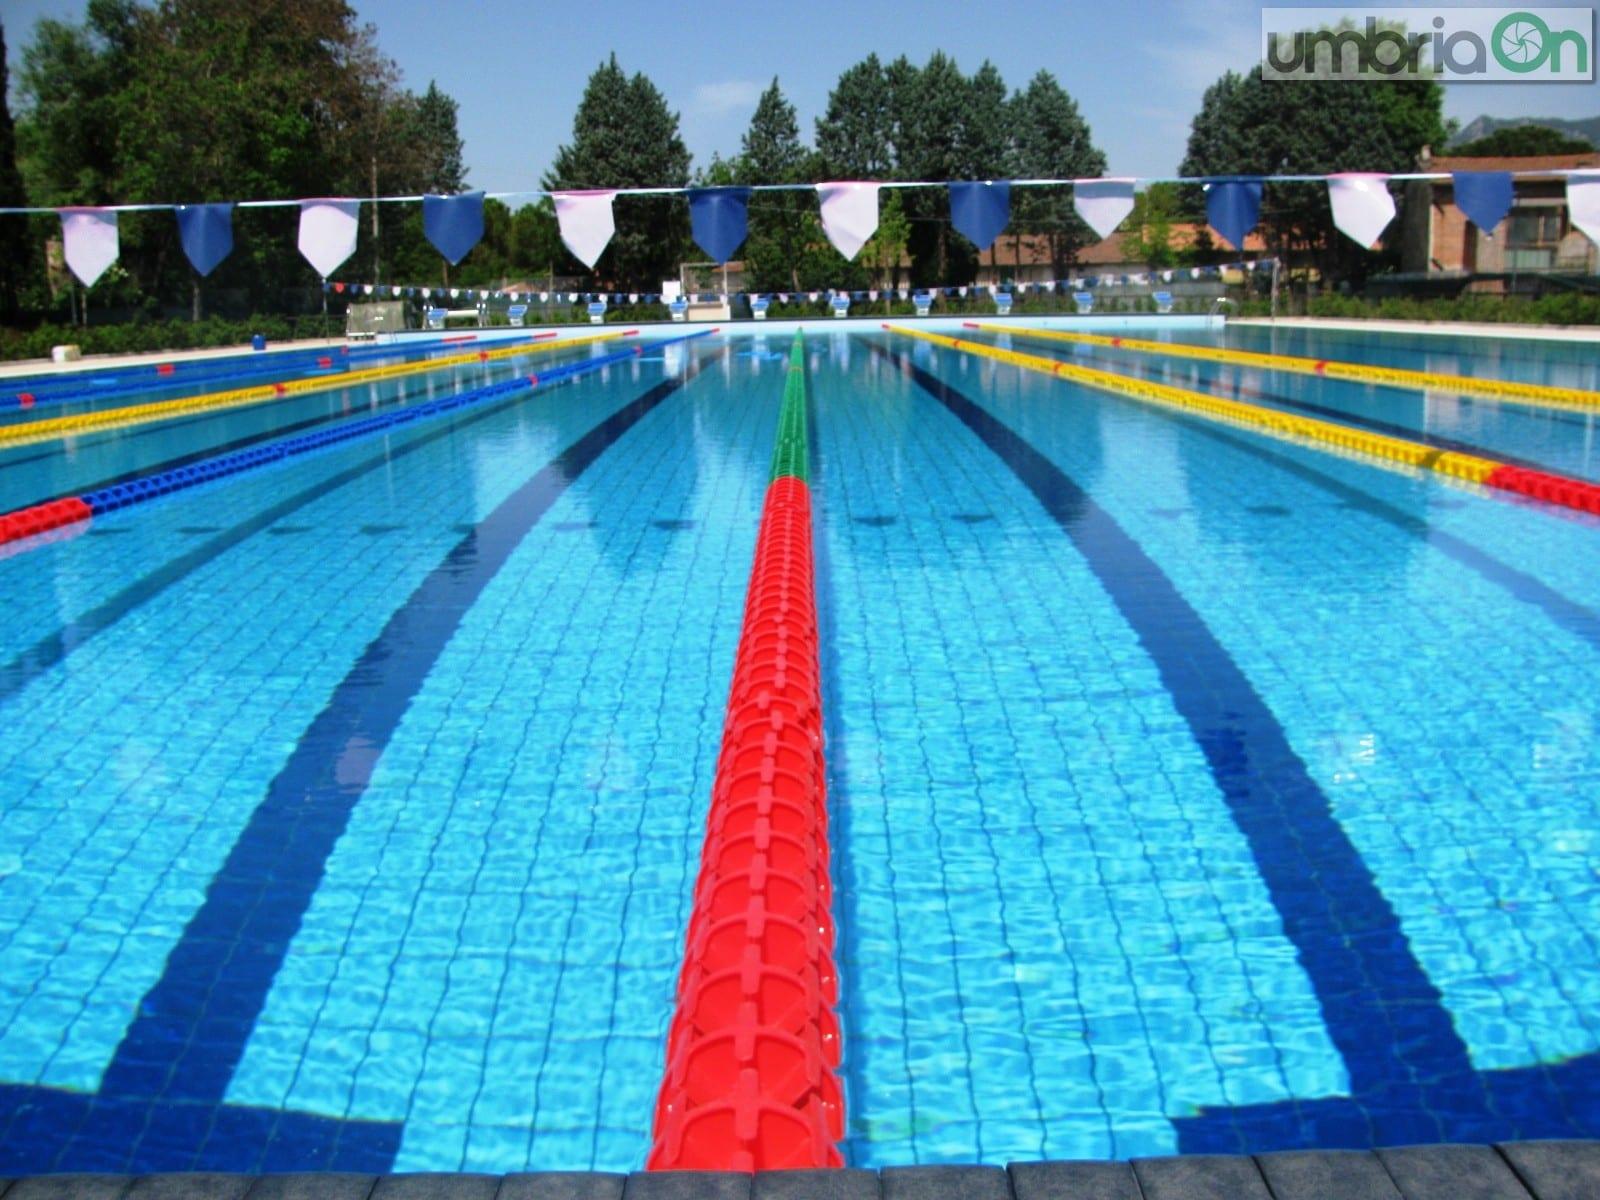 Nuoto sincro a terni ecco i tricolori masters umbriaon - Del taglia piscine opinioni ...